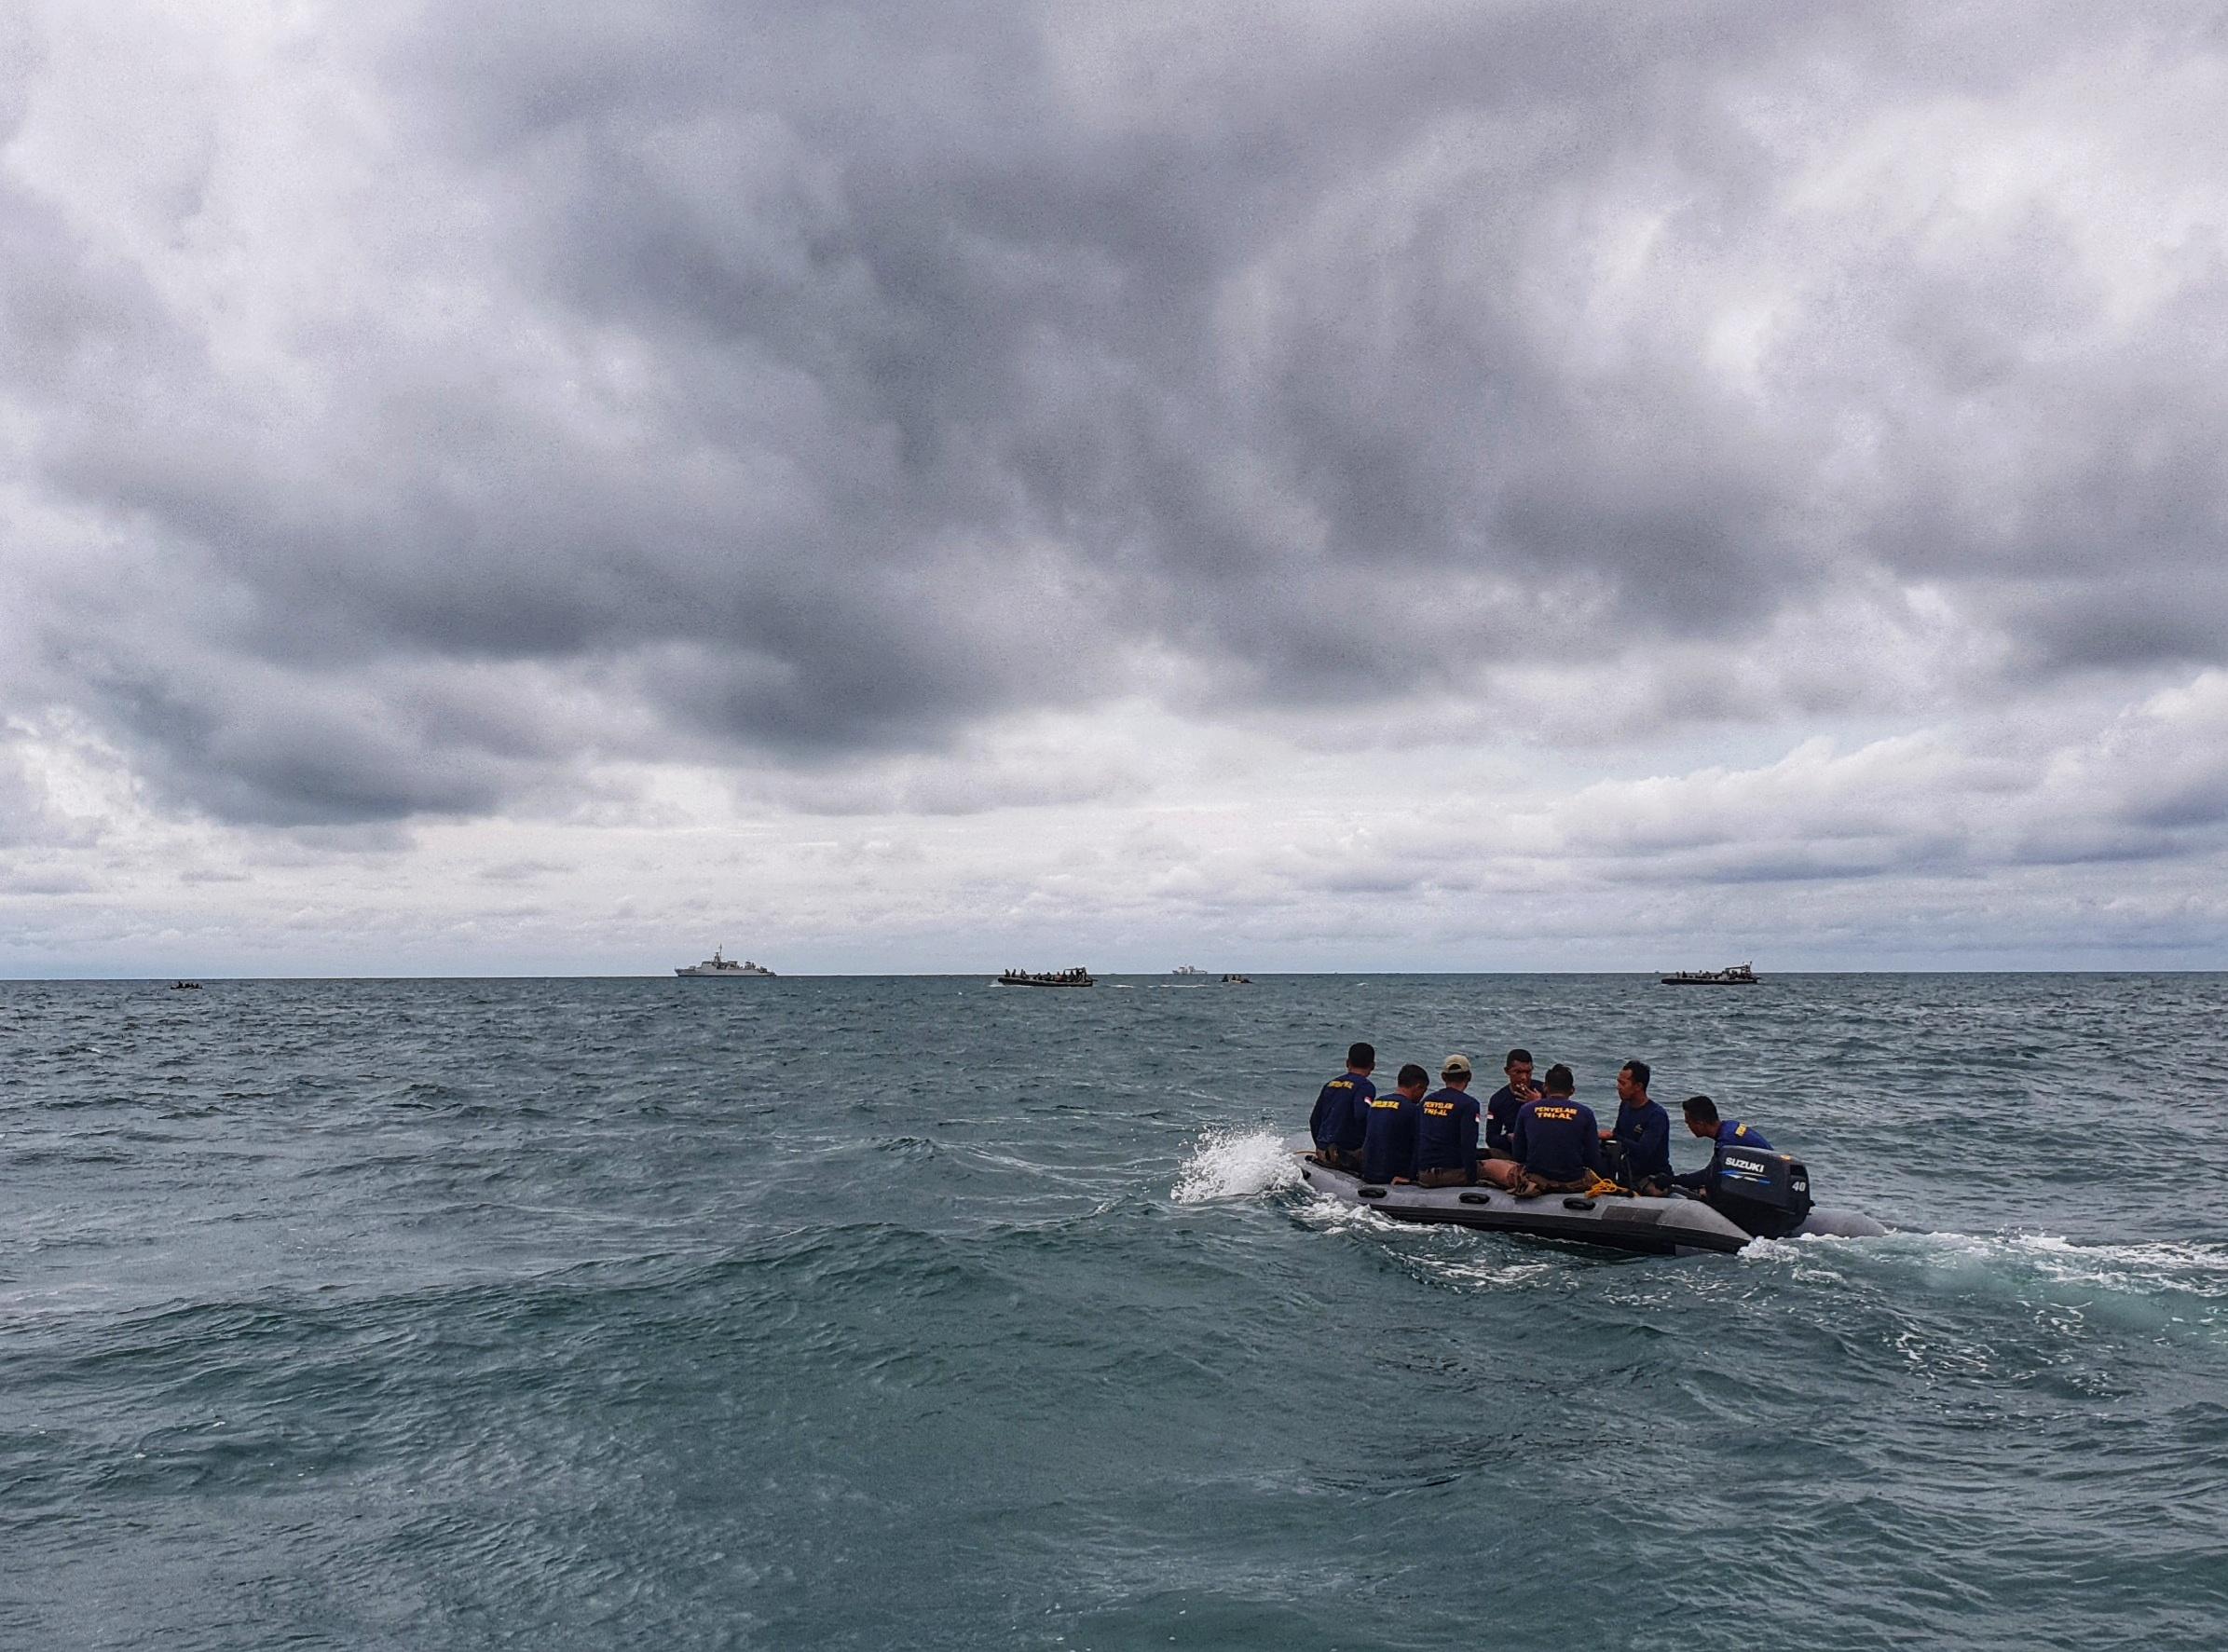 Regu penyelam TNI AL menuju lokasi pesawat jatuh pada 12 Januari 2020. Foto: Azwar Ipank/AFP